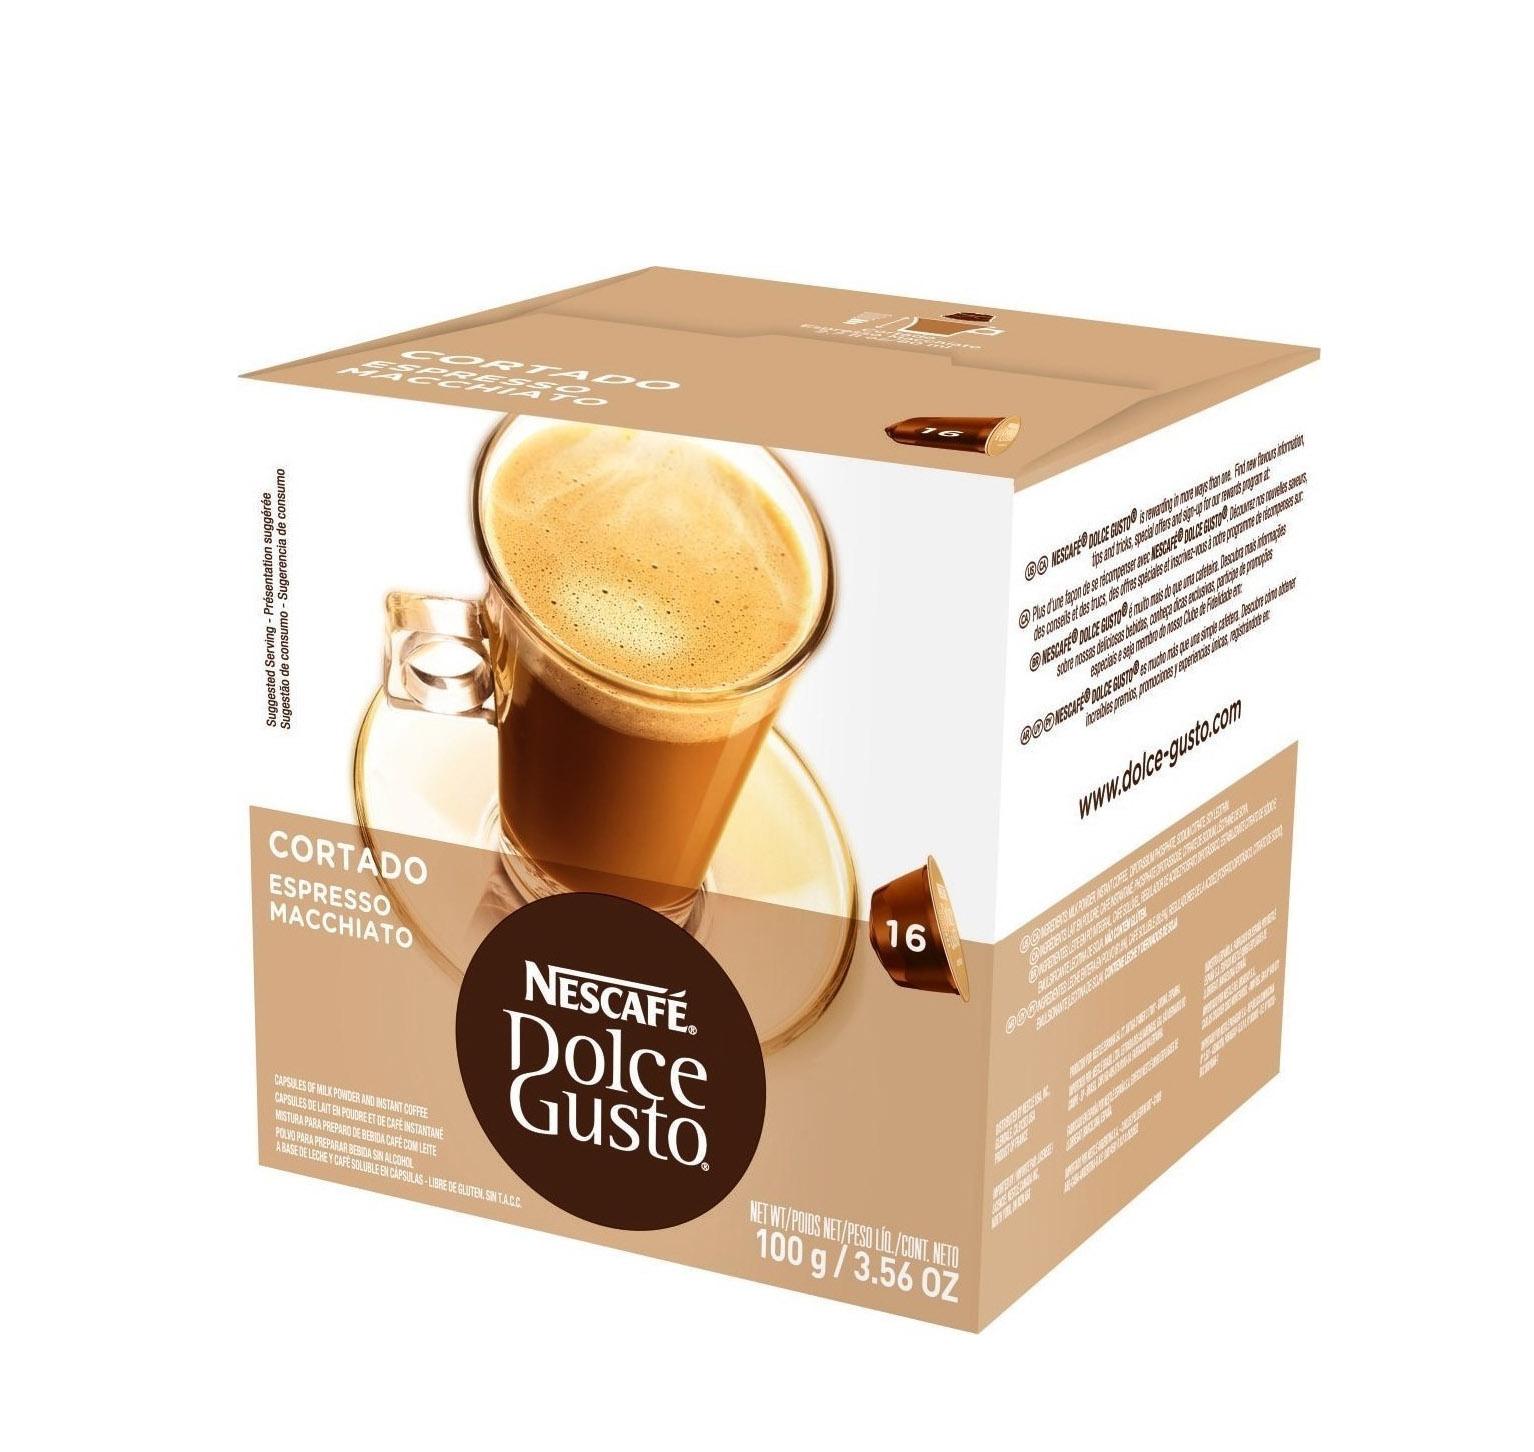 Nescafe Dolce Gusto Cortado  16caps 12122140